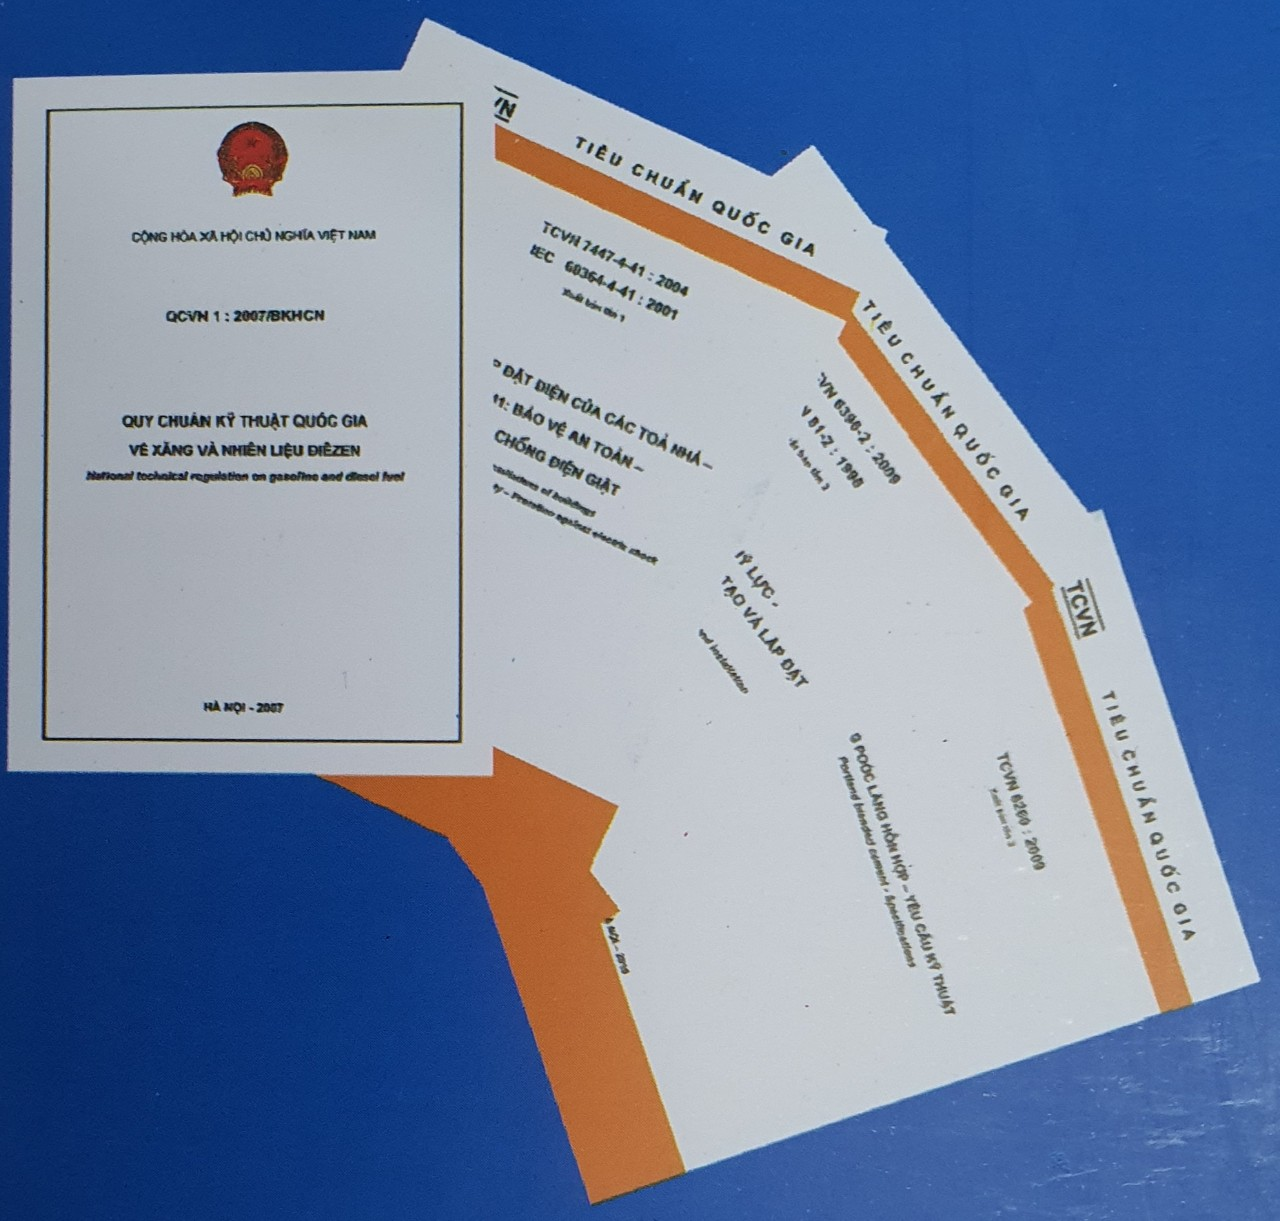 Hướng dẫn áp dụng Quy chuẩn kỹ thuật quốc gia, Tiêu chuẩn quốc gia cho doanh nghiệp